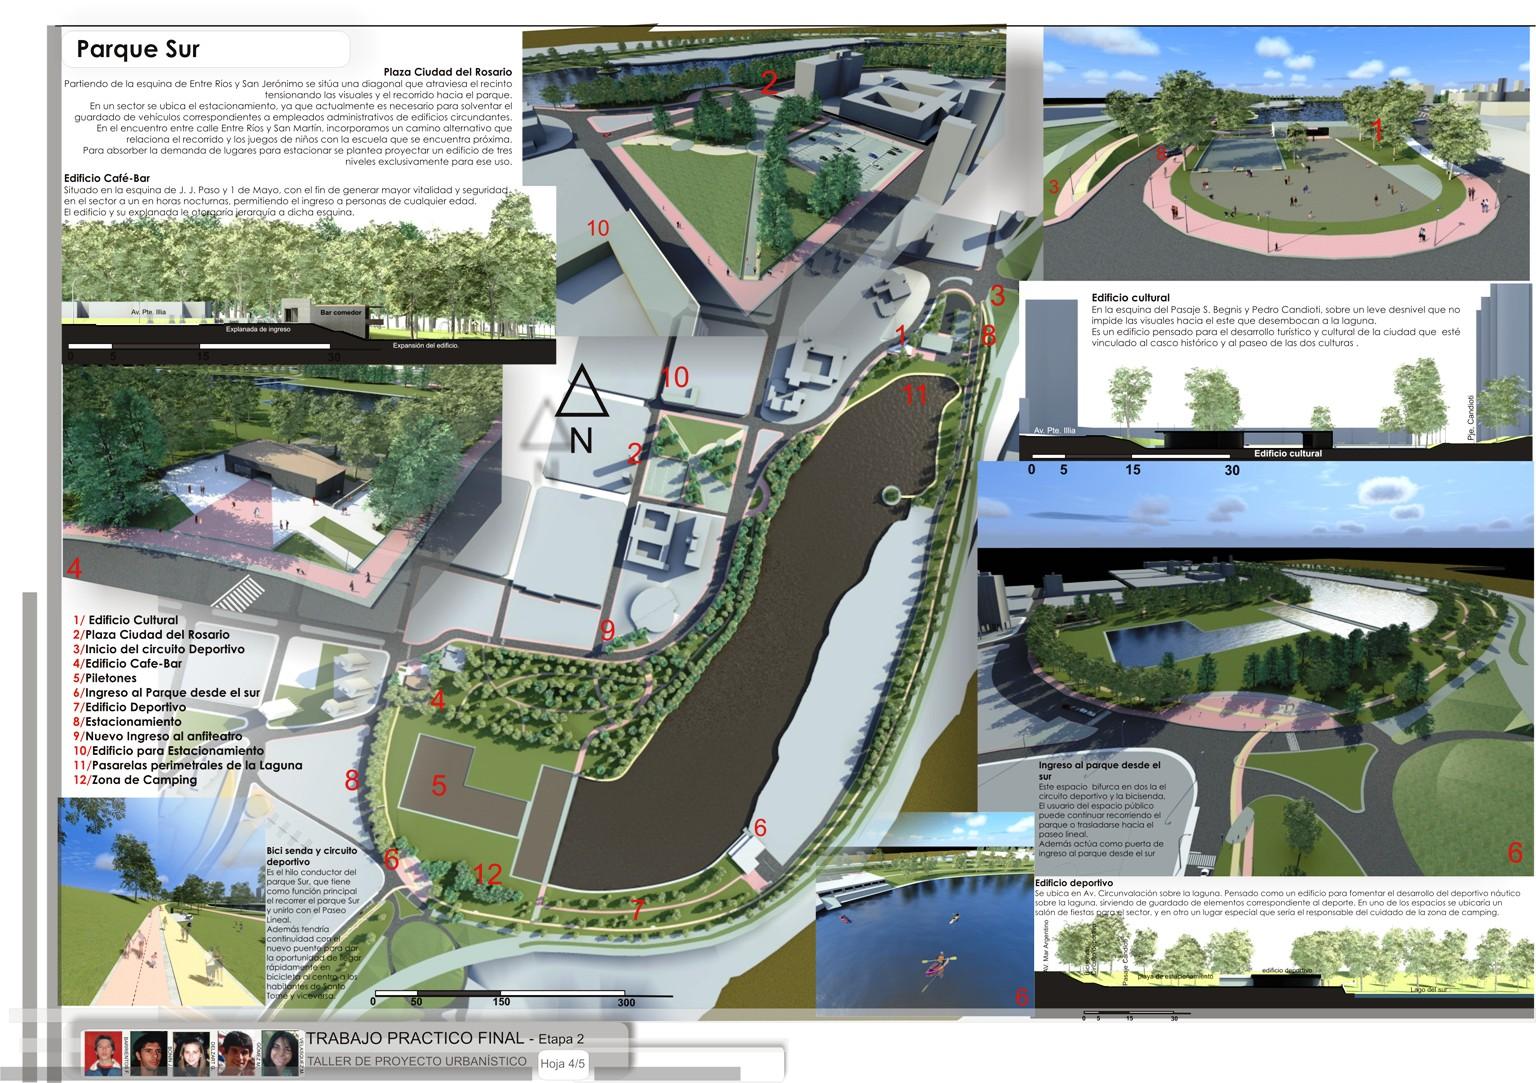 Proyecto urbano en la ciudad de santa fe 3d render para for Equipamiento urbano arquitectura pdf